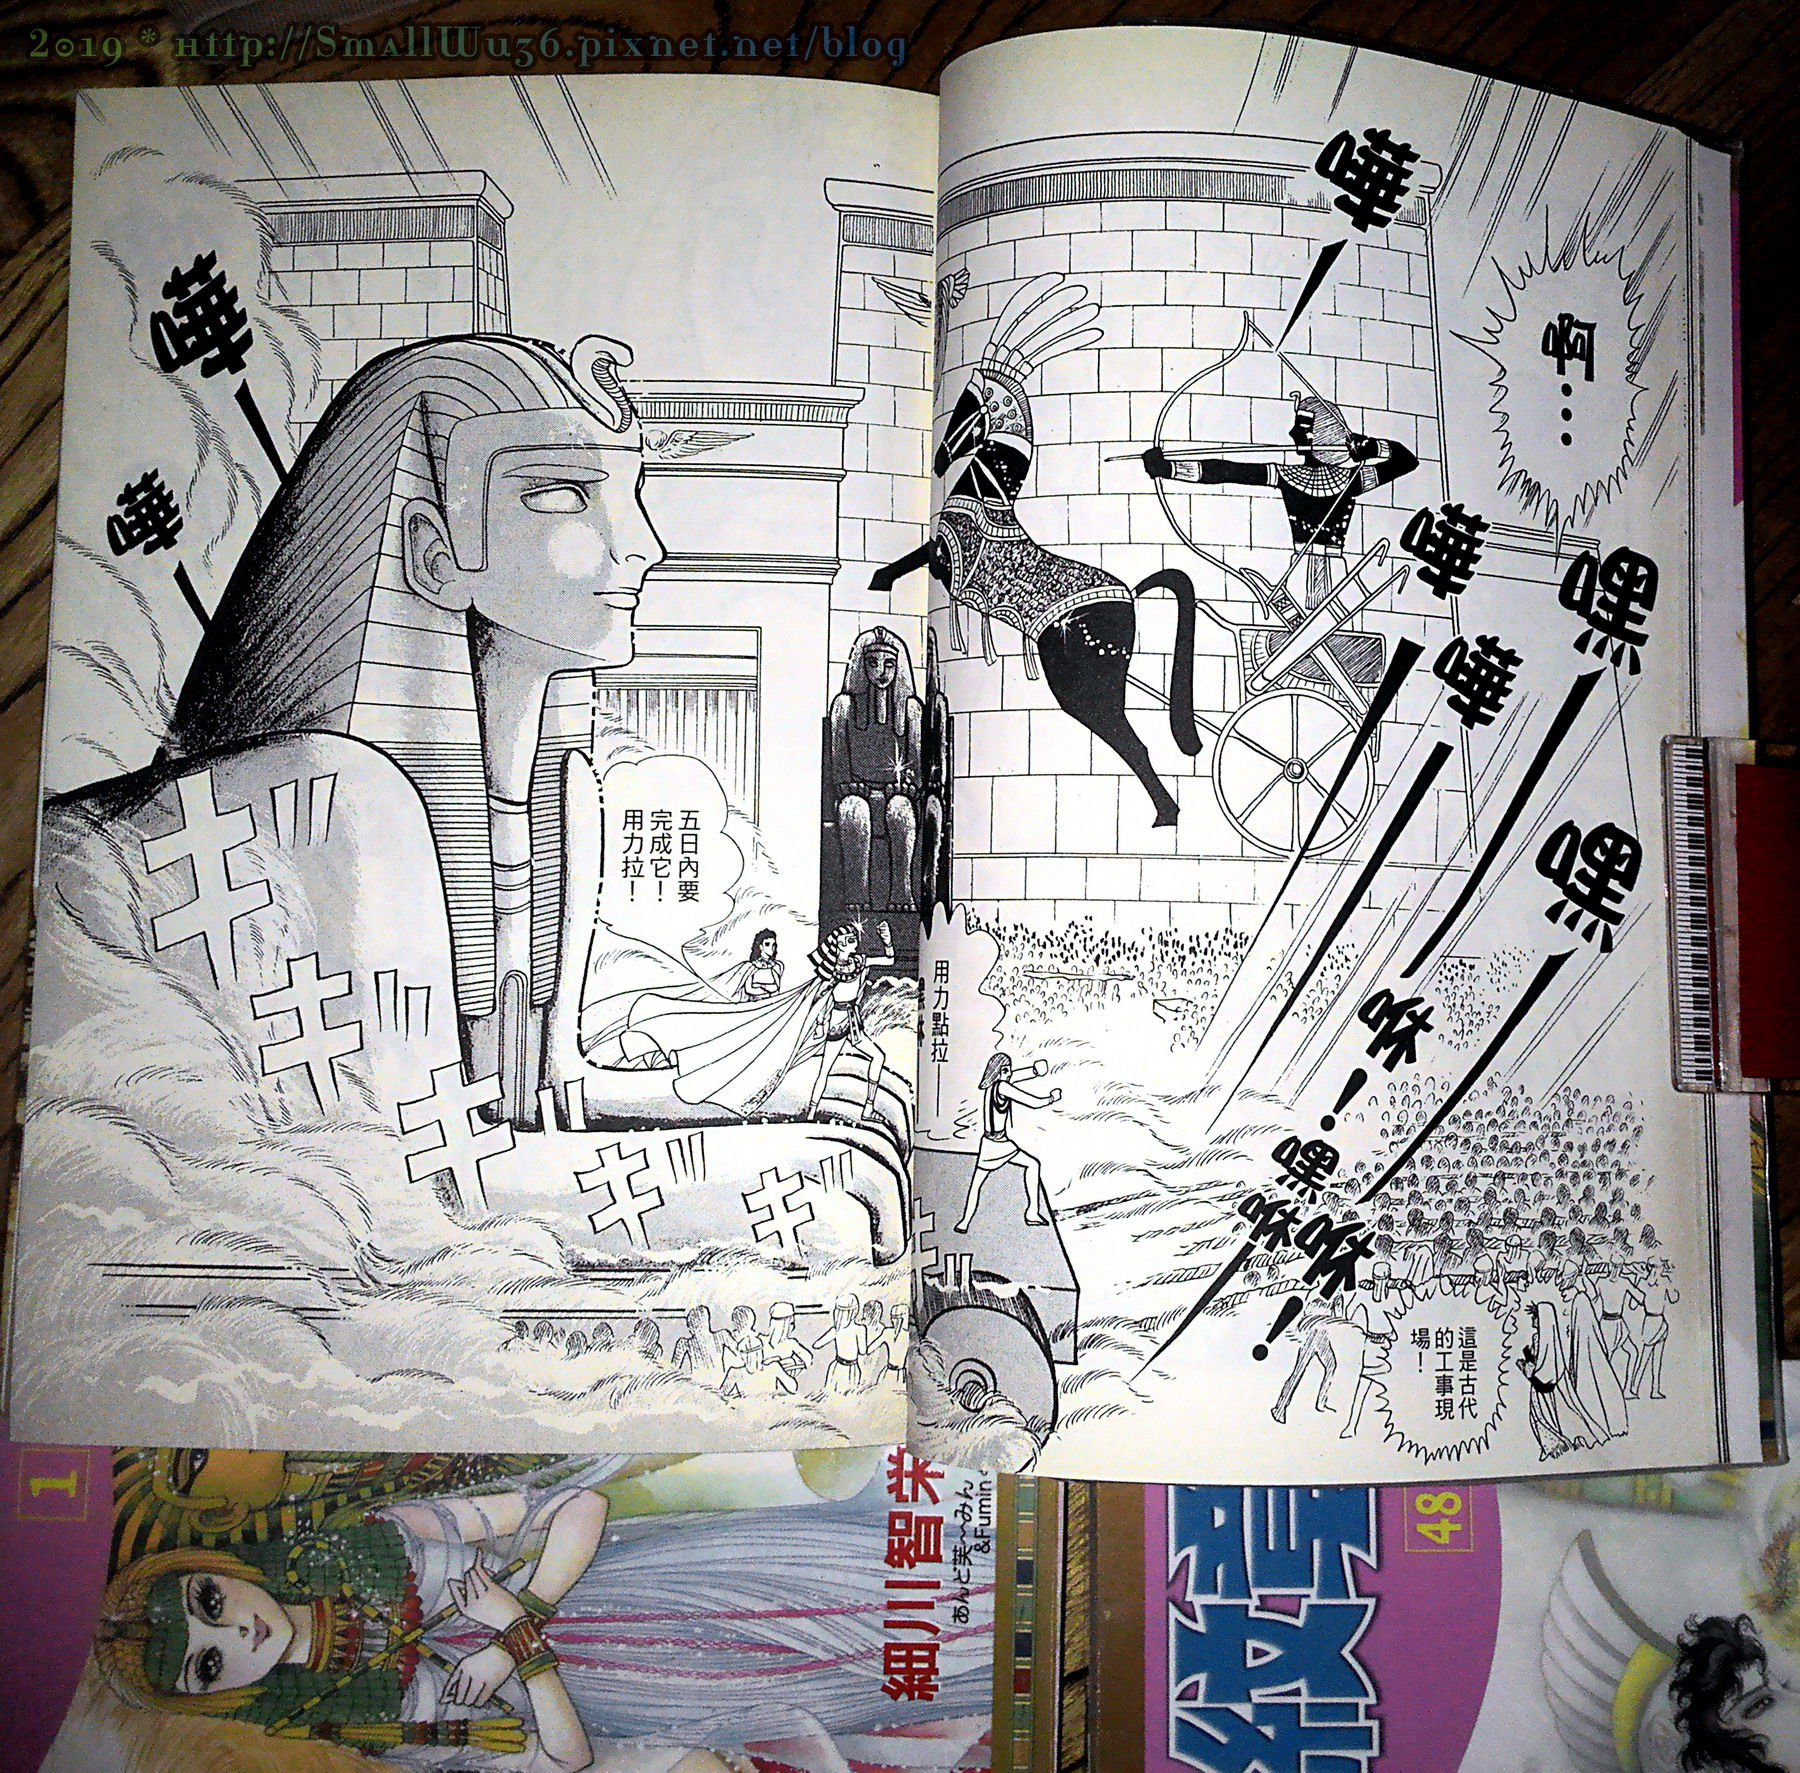 細川智榮子-王家的紋章(尼羅河女兒) 01-48 (長鴻)  vol_02 底比斯.jpg